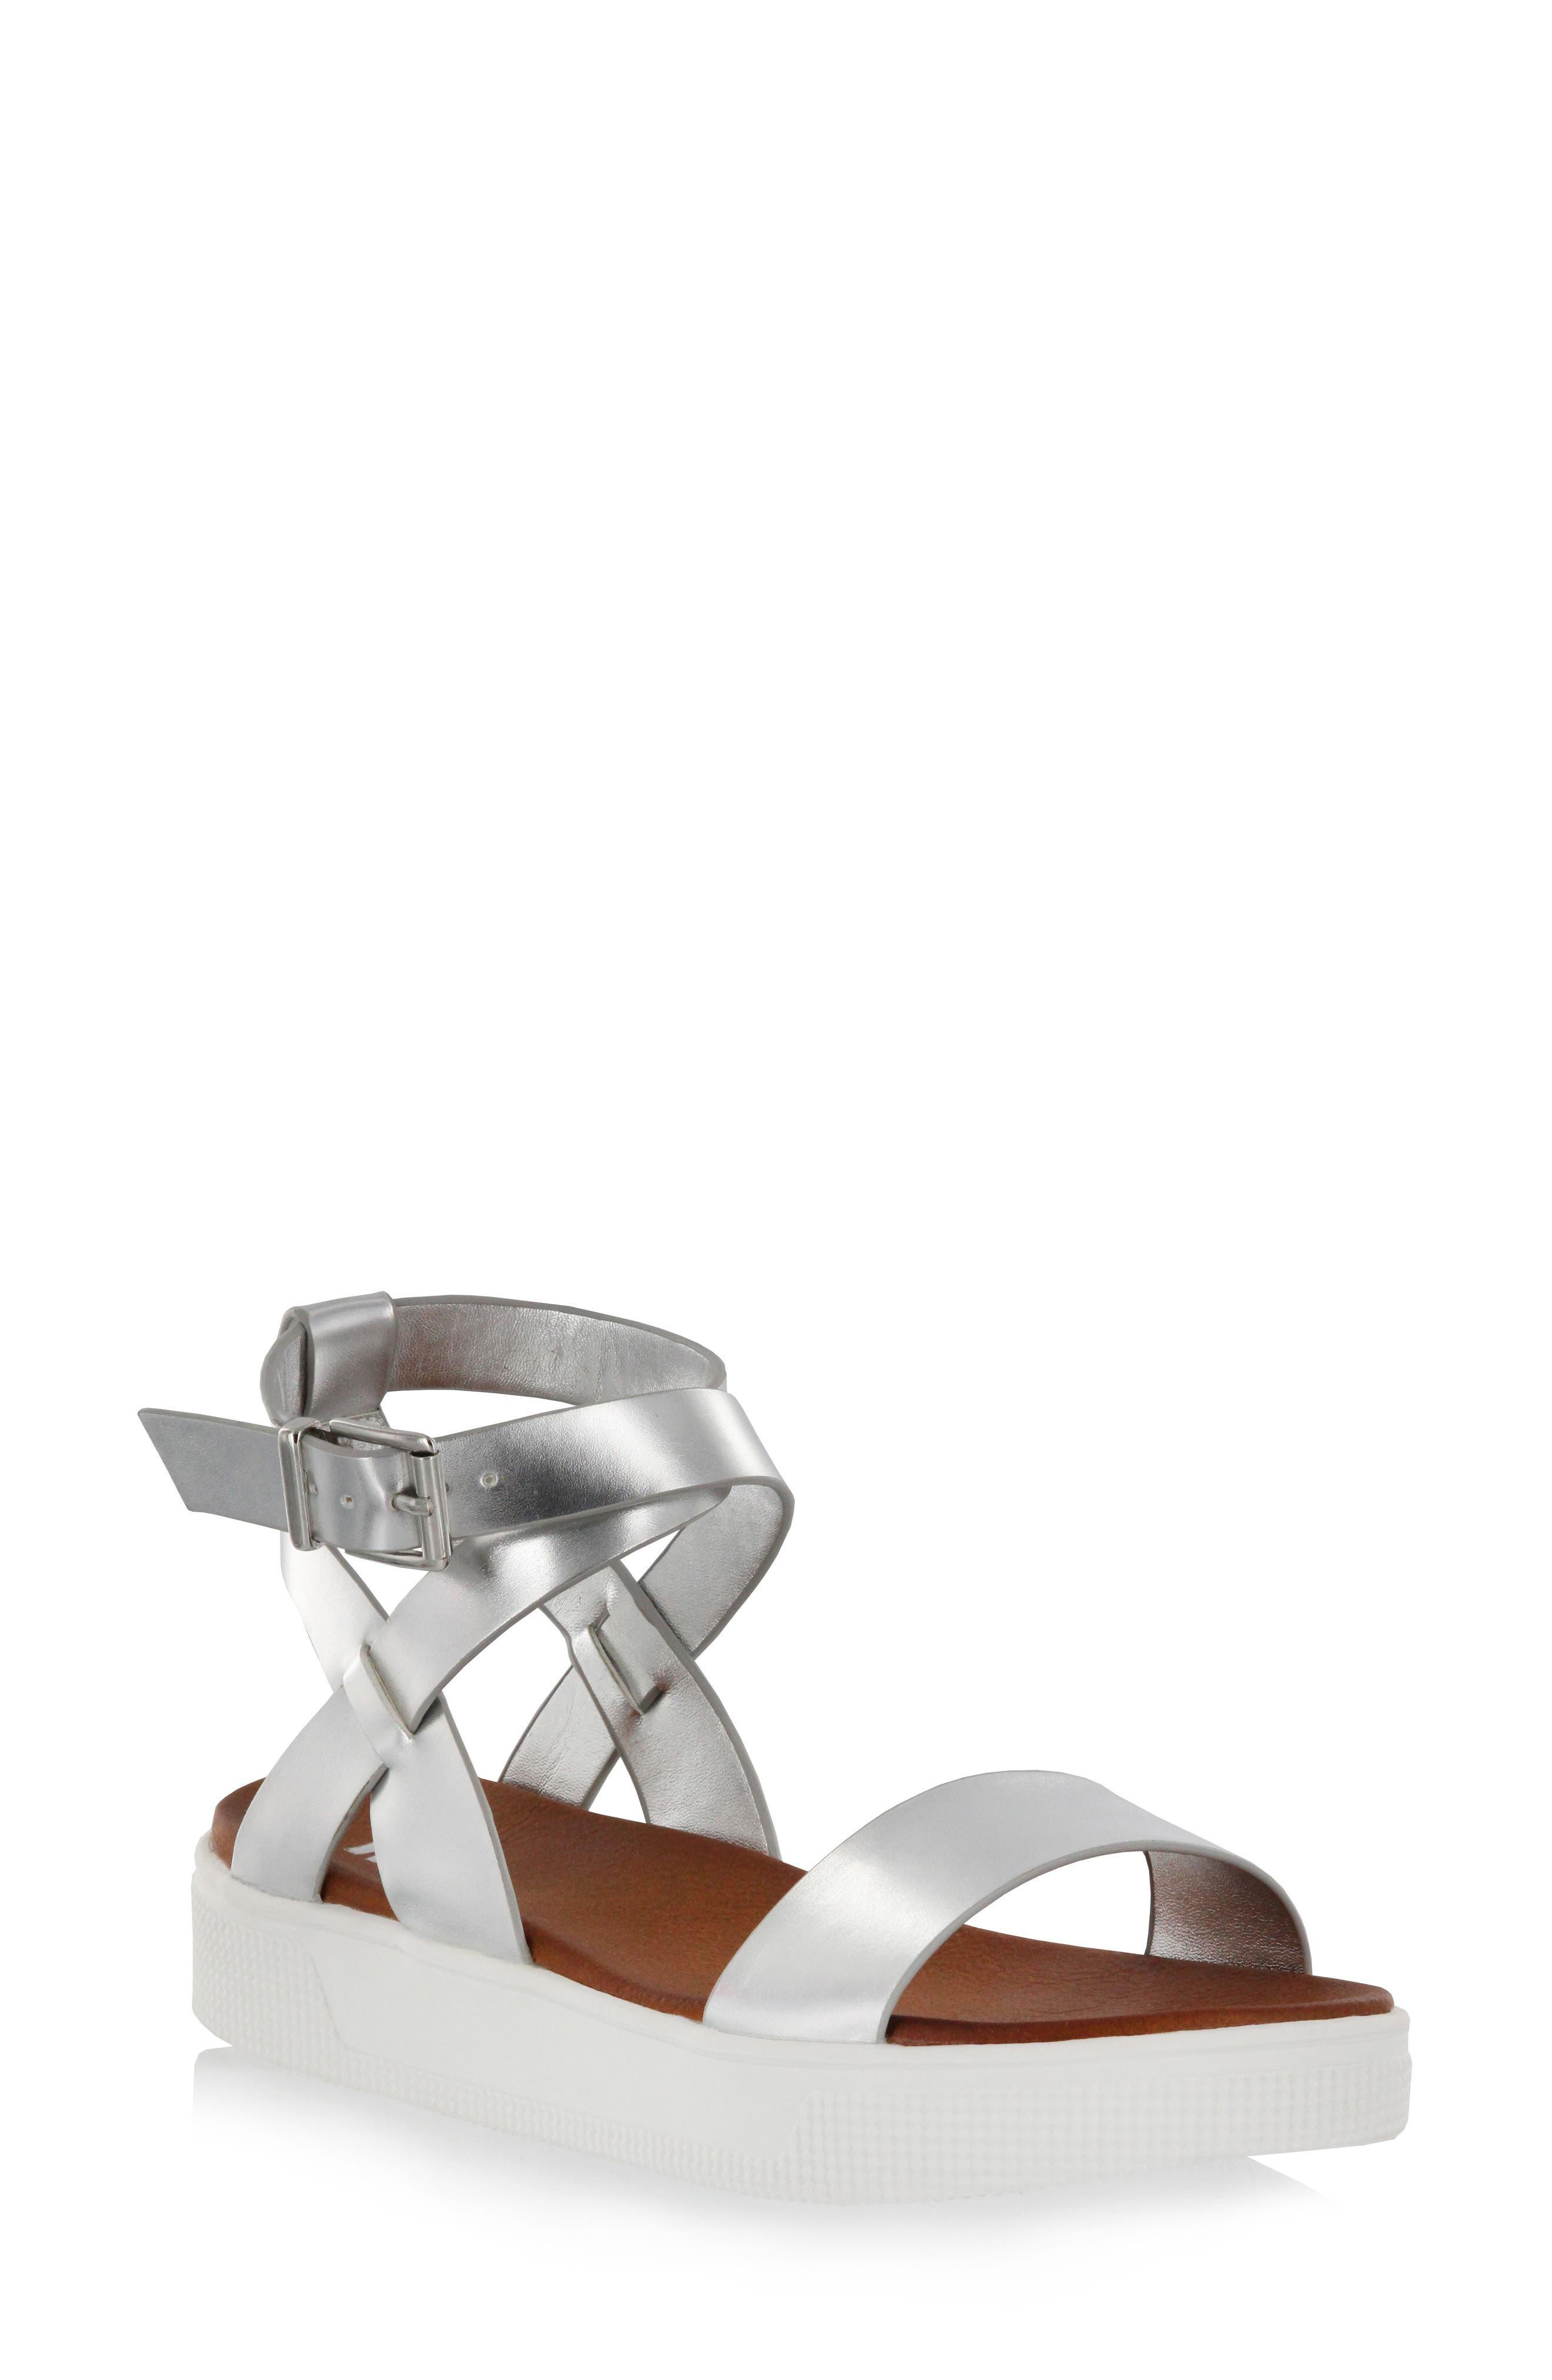 Calla Platform Sandal,                         Main,                         color, Silver Faux Leather